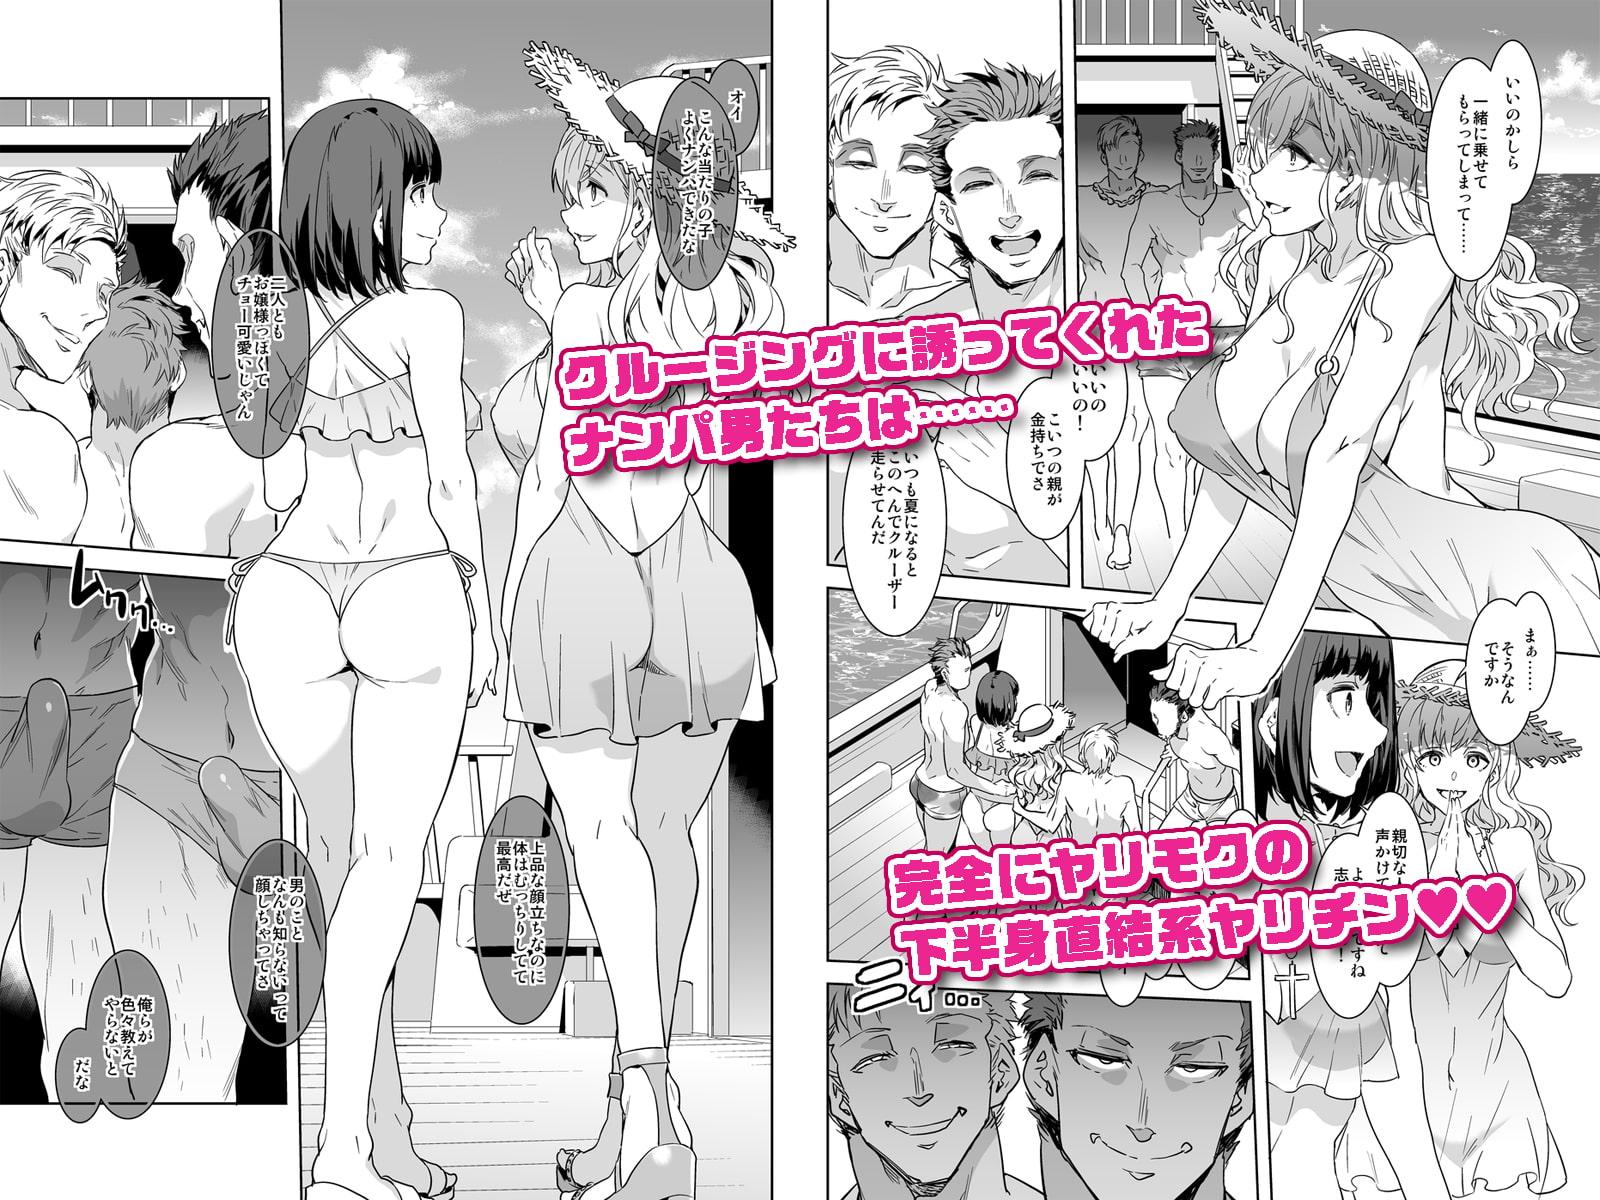 マ〇ア様がみてる売春X -DL再編集版-